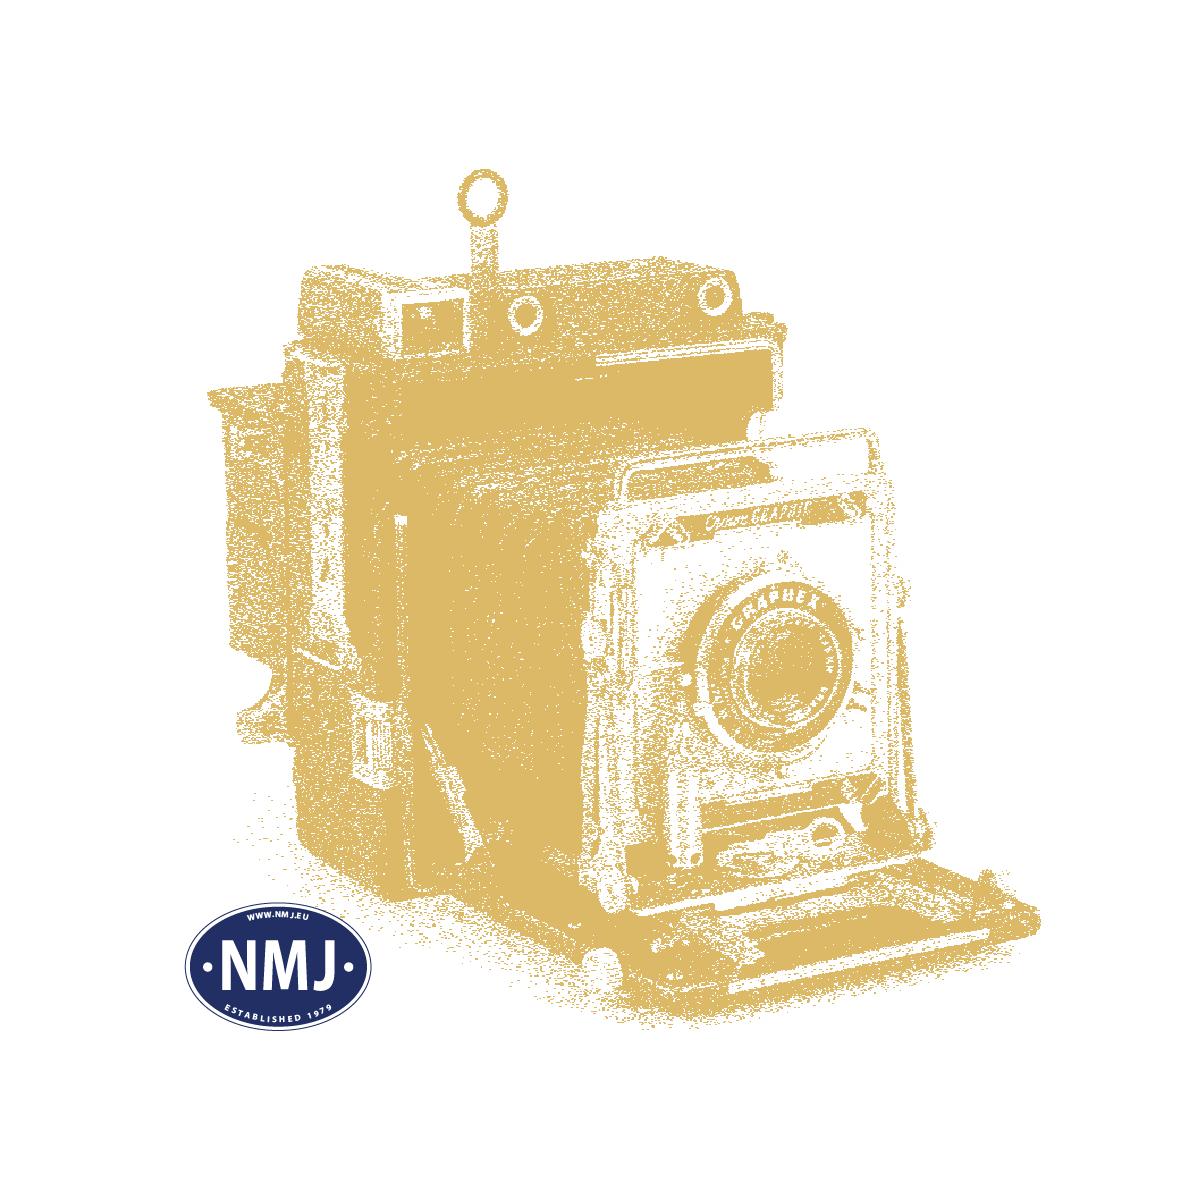 NMJT86.102AC - NMJ Togpakke: NSB El11 og 8 godsvogner, 1952 - 1971, AC Digital